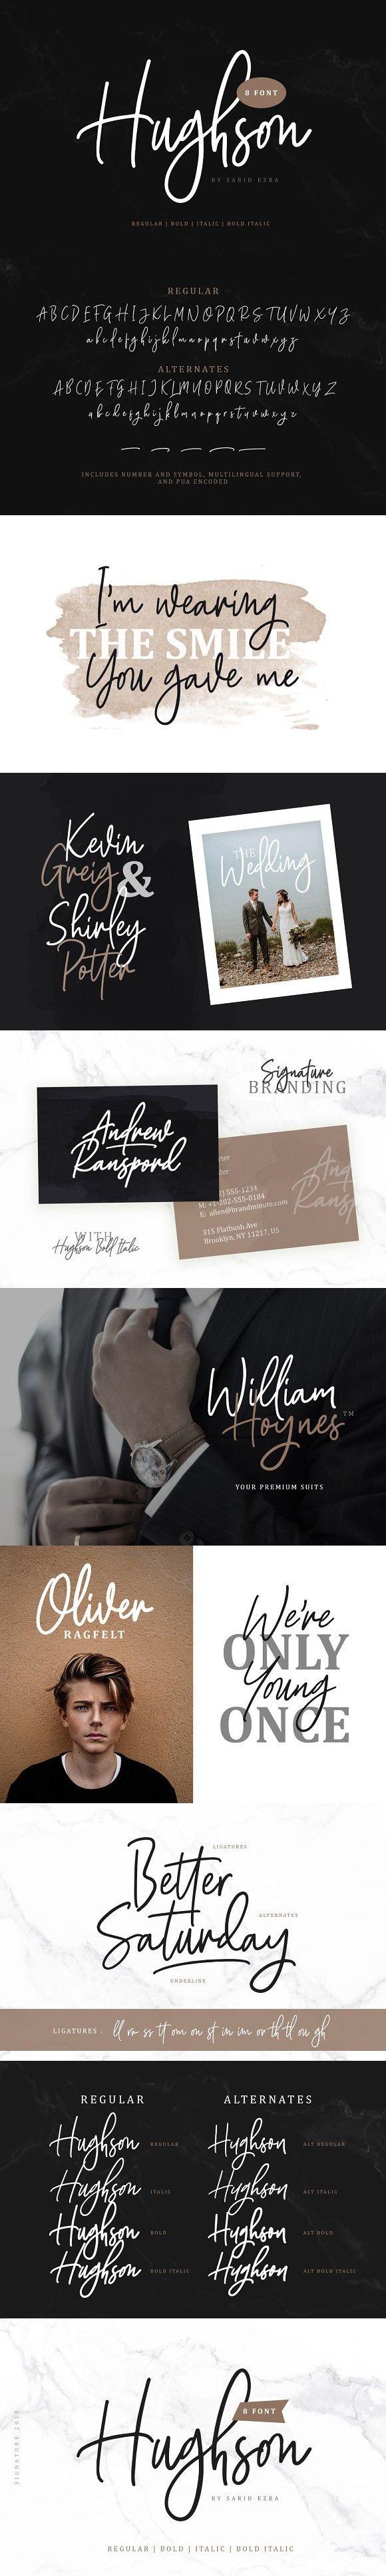 Hughson Script (8 Fonts) Hughson, Signature fonts